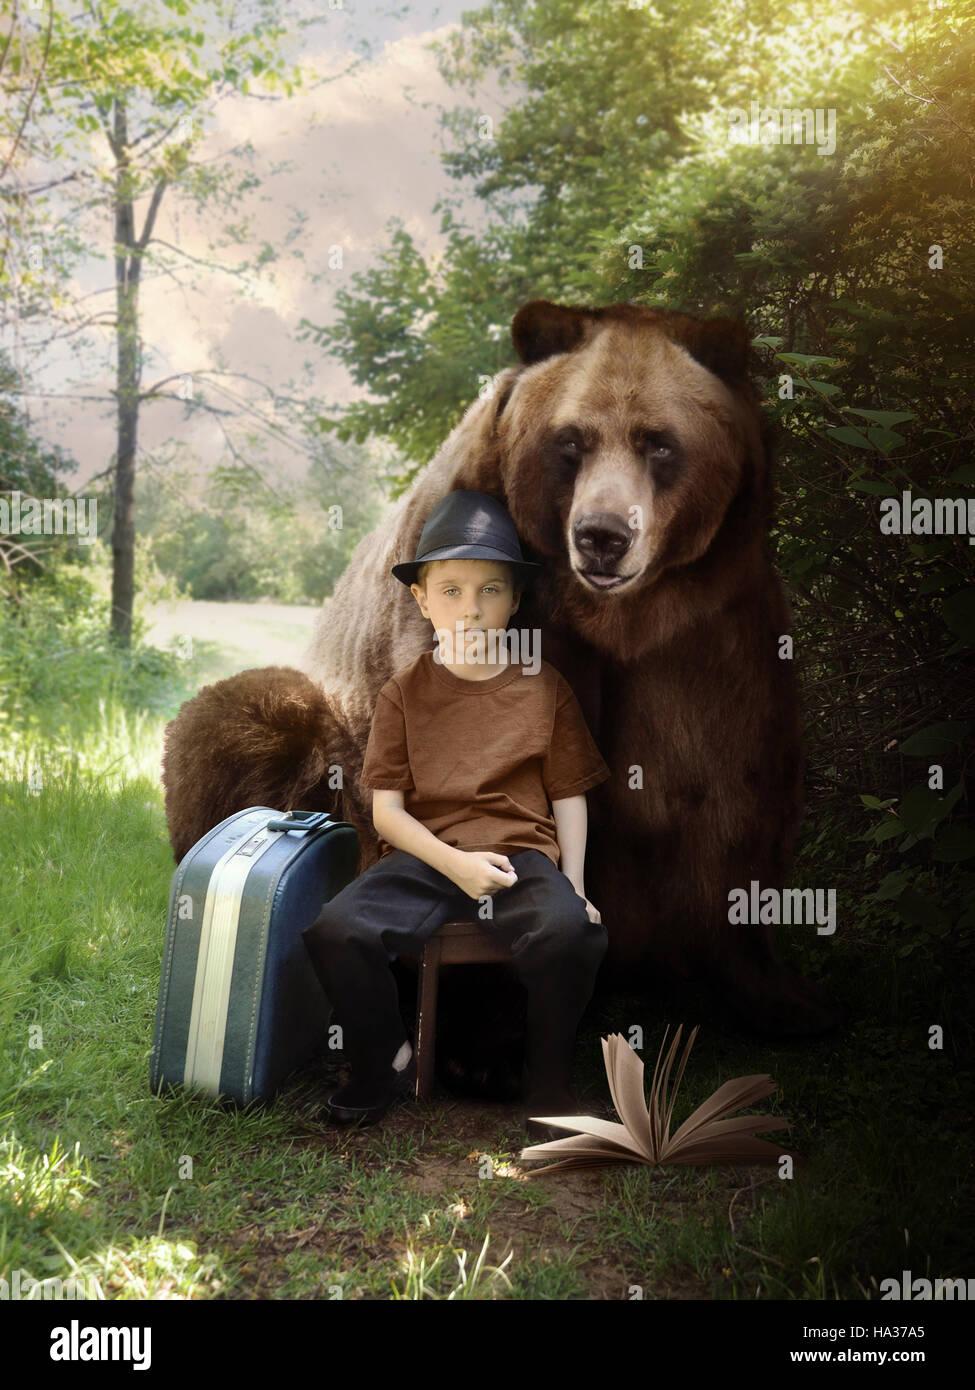 Un joven está sentado sobre un sendero natural en el bosque con una maleta y reservar con un oso animal detrás Imagen De Stock